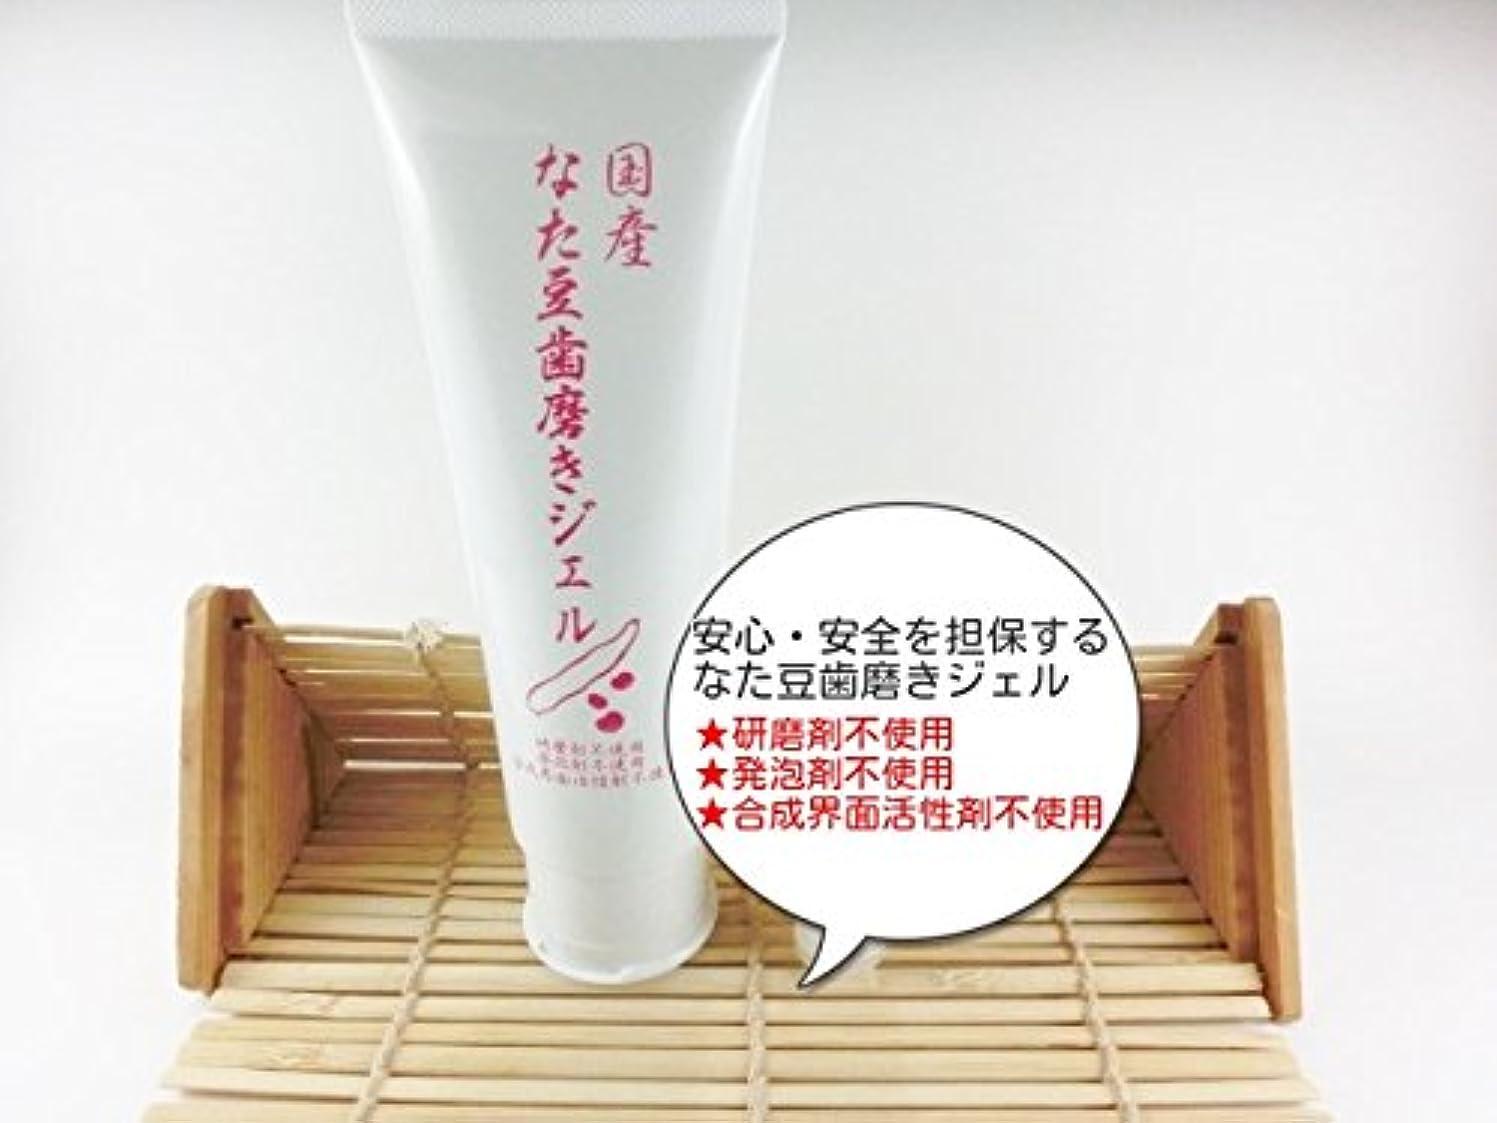 石膏ほかに無実国産 なた豆歯みがき粉 ジェル 120g 災害時安心/安全(発泡剤?研磨剤)不使用。